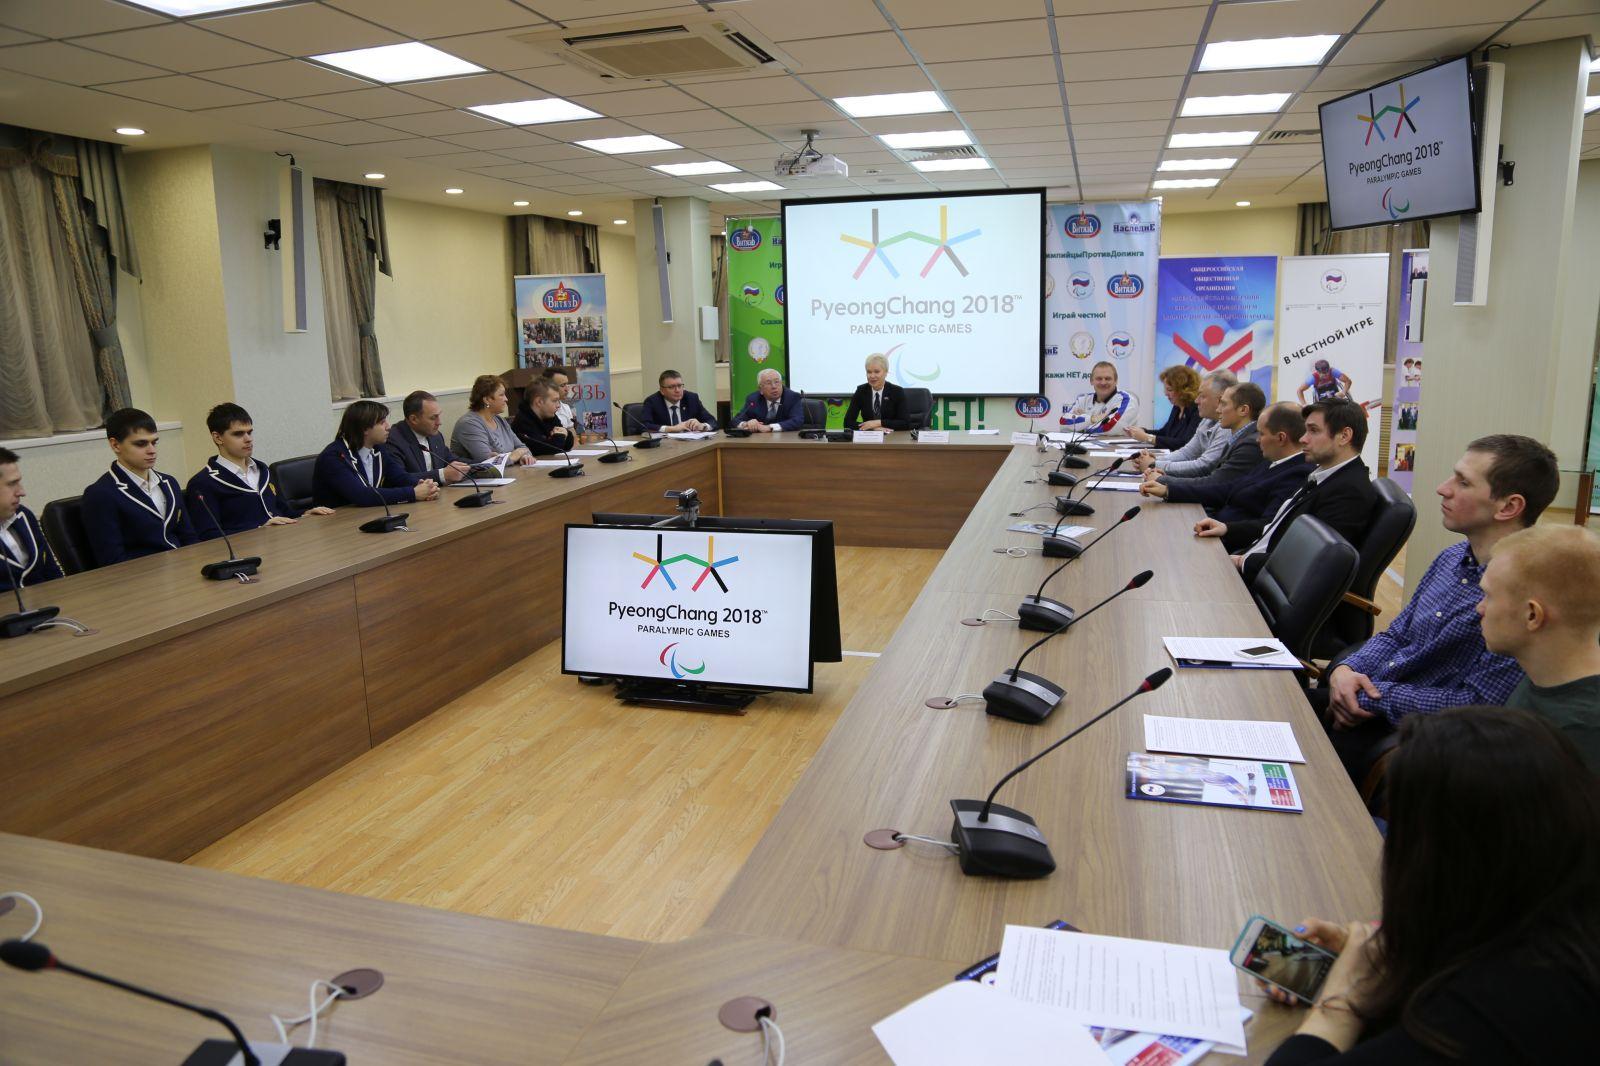 Комиссия спортсменов Паралимпийского комитета России направила свою позицию в Исполком ПКР: «Нужно участвовать в Паралимпийских играх 2018 года в Пхенчхане, несмотря на запрет об обозначении страны, которую мы представляем»